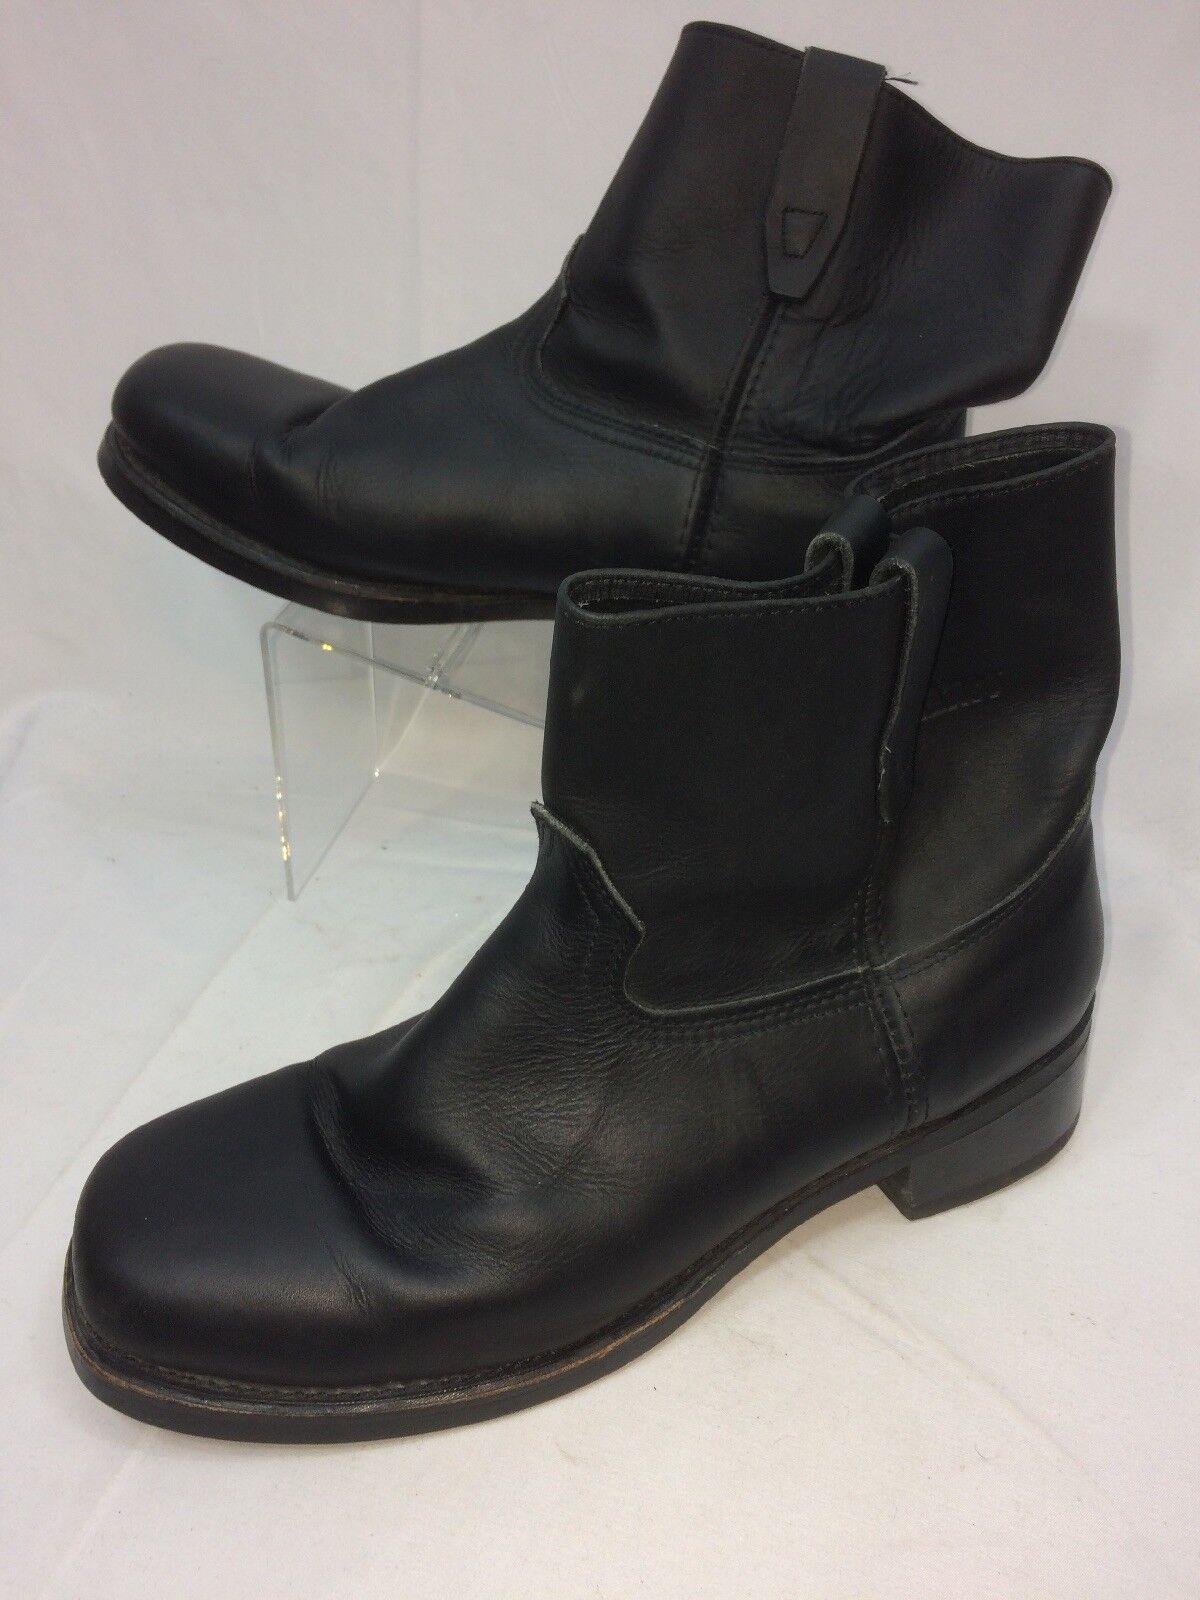 Durango Men Biker Boots Size 13 D Black Style Vulcan Sole Oil Resistant